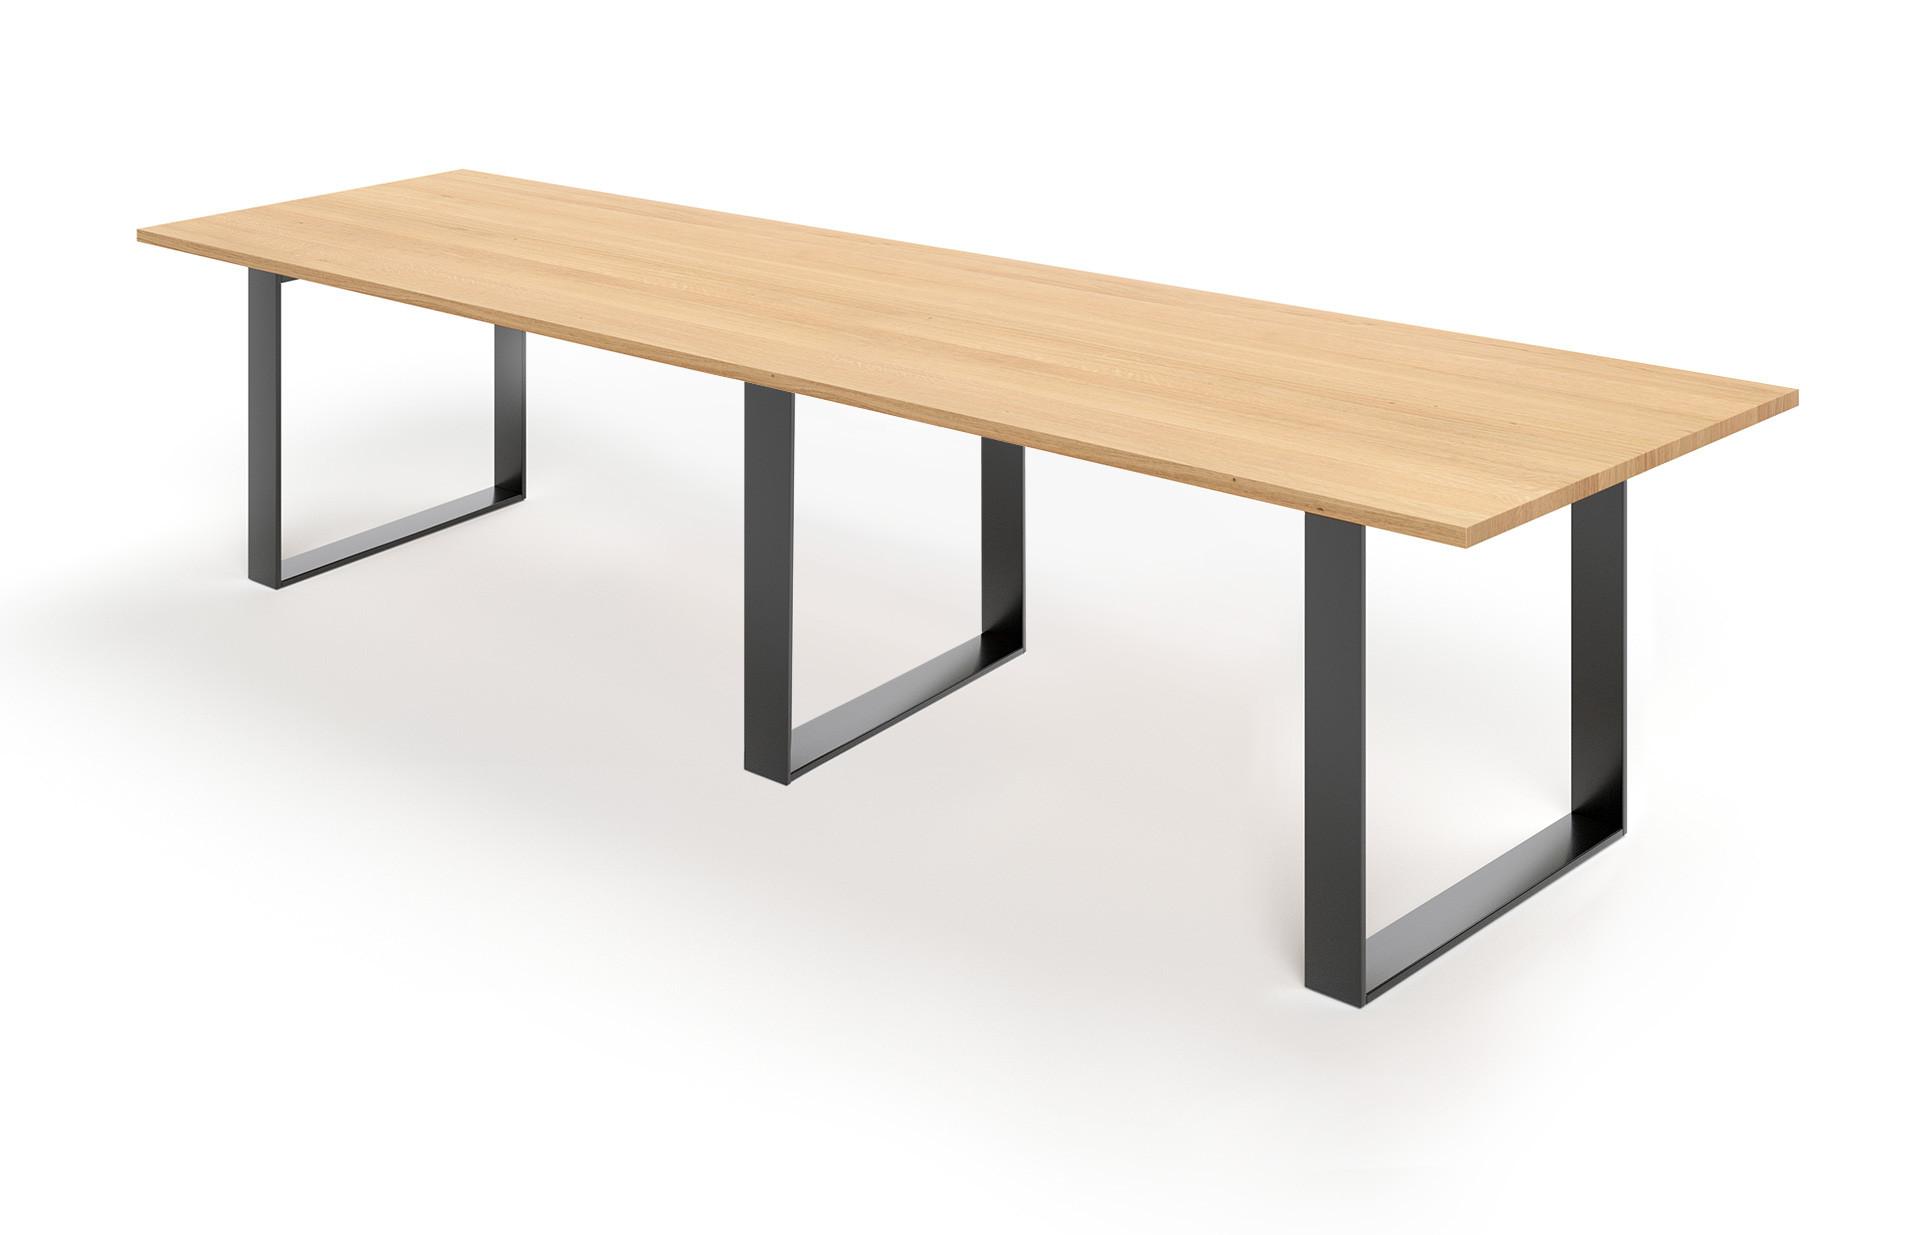 Konferenztisch Iver in Eiche bianco geölt